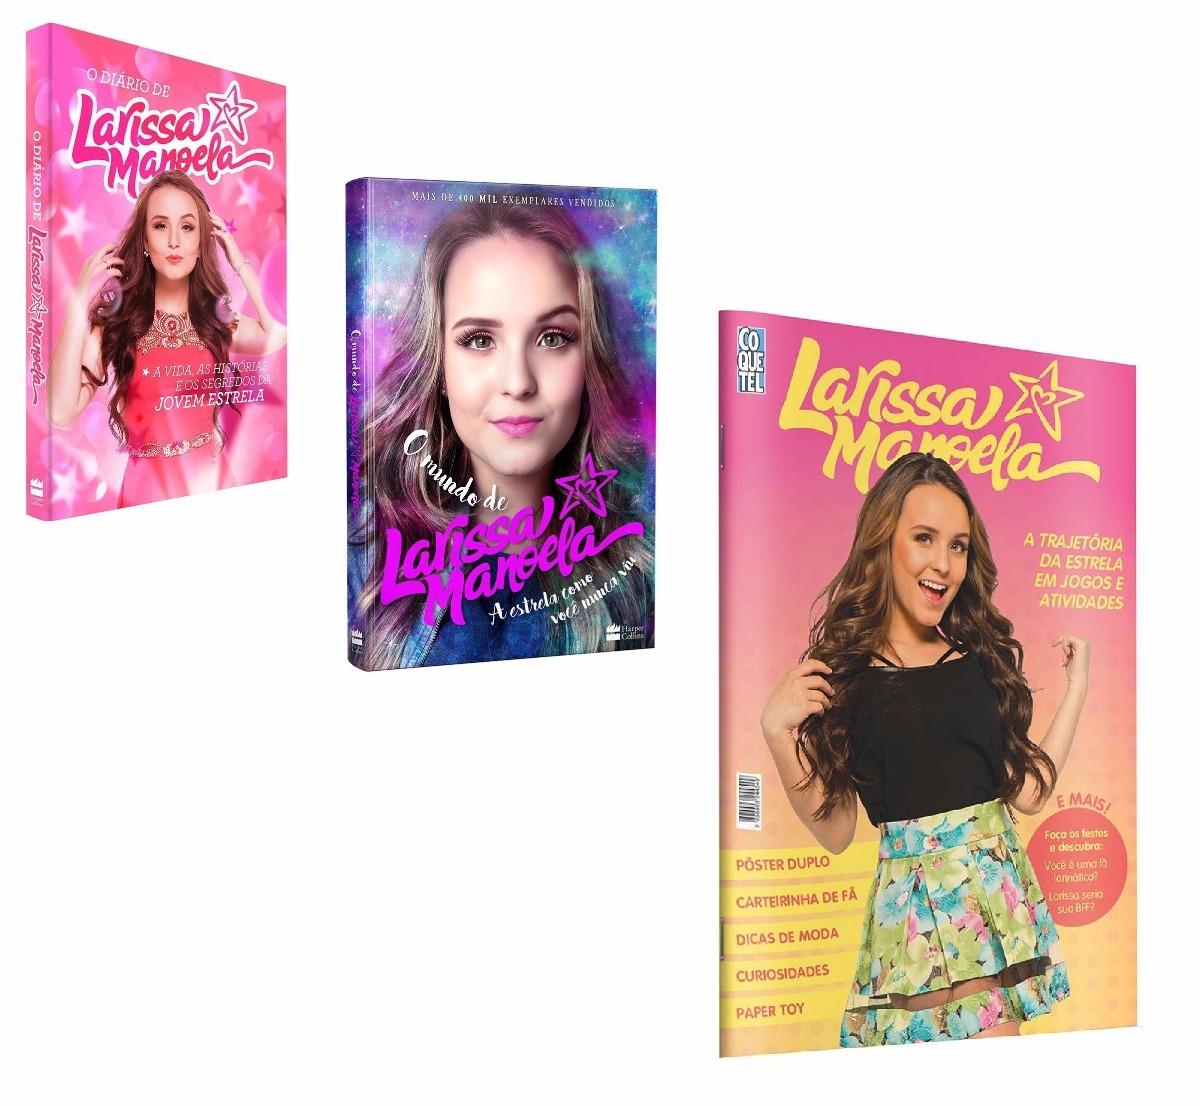 dd699834fb62a Kit Livros Larissa Manoela - Diário + Mundo + Atividades ! - R  86 ...